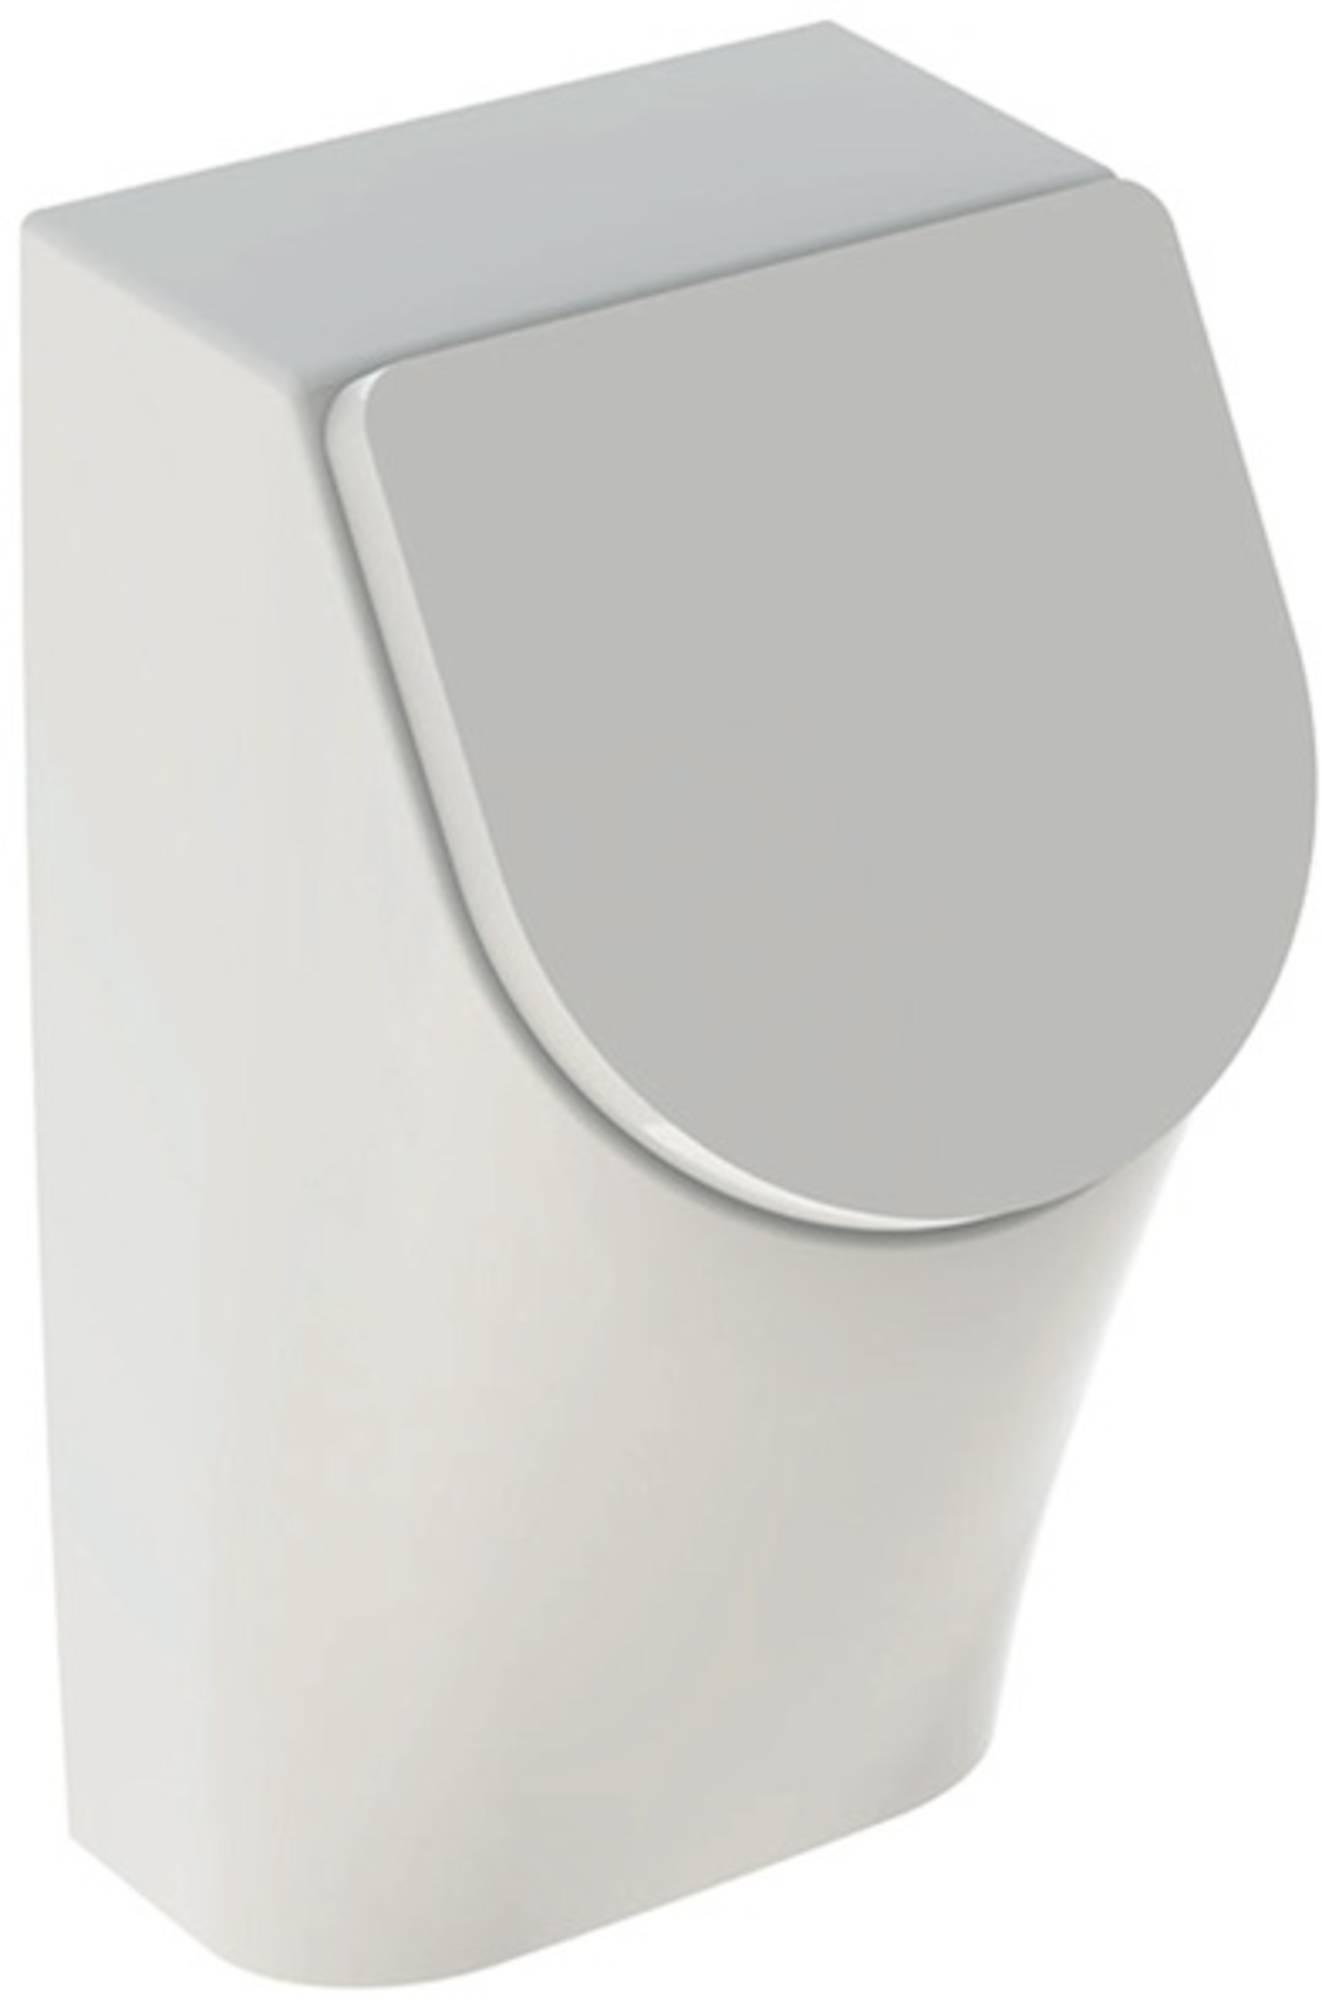 Productafbeelding van Geberit 300 Urinals Urinoir met deksel 33x36x63 cm Wit